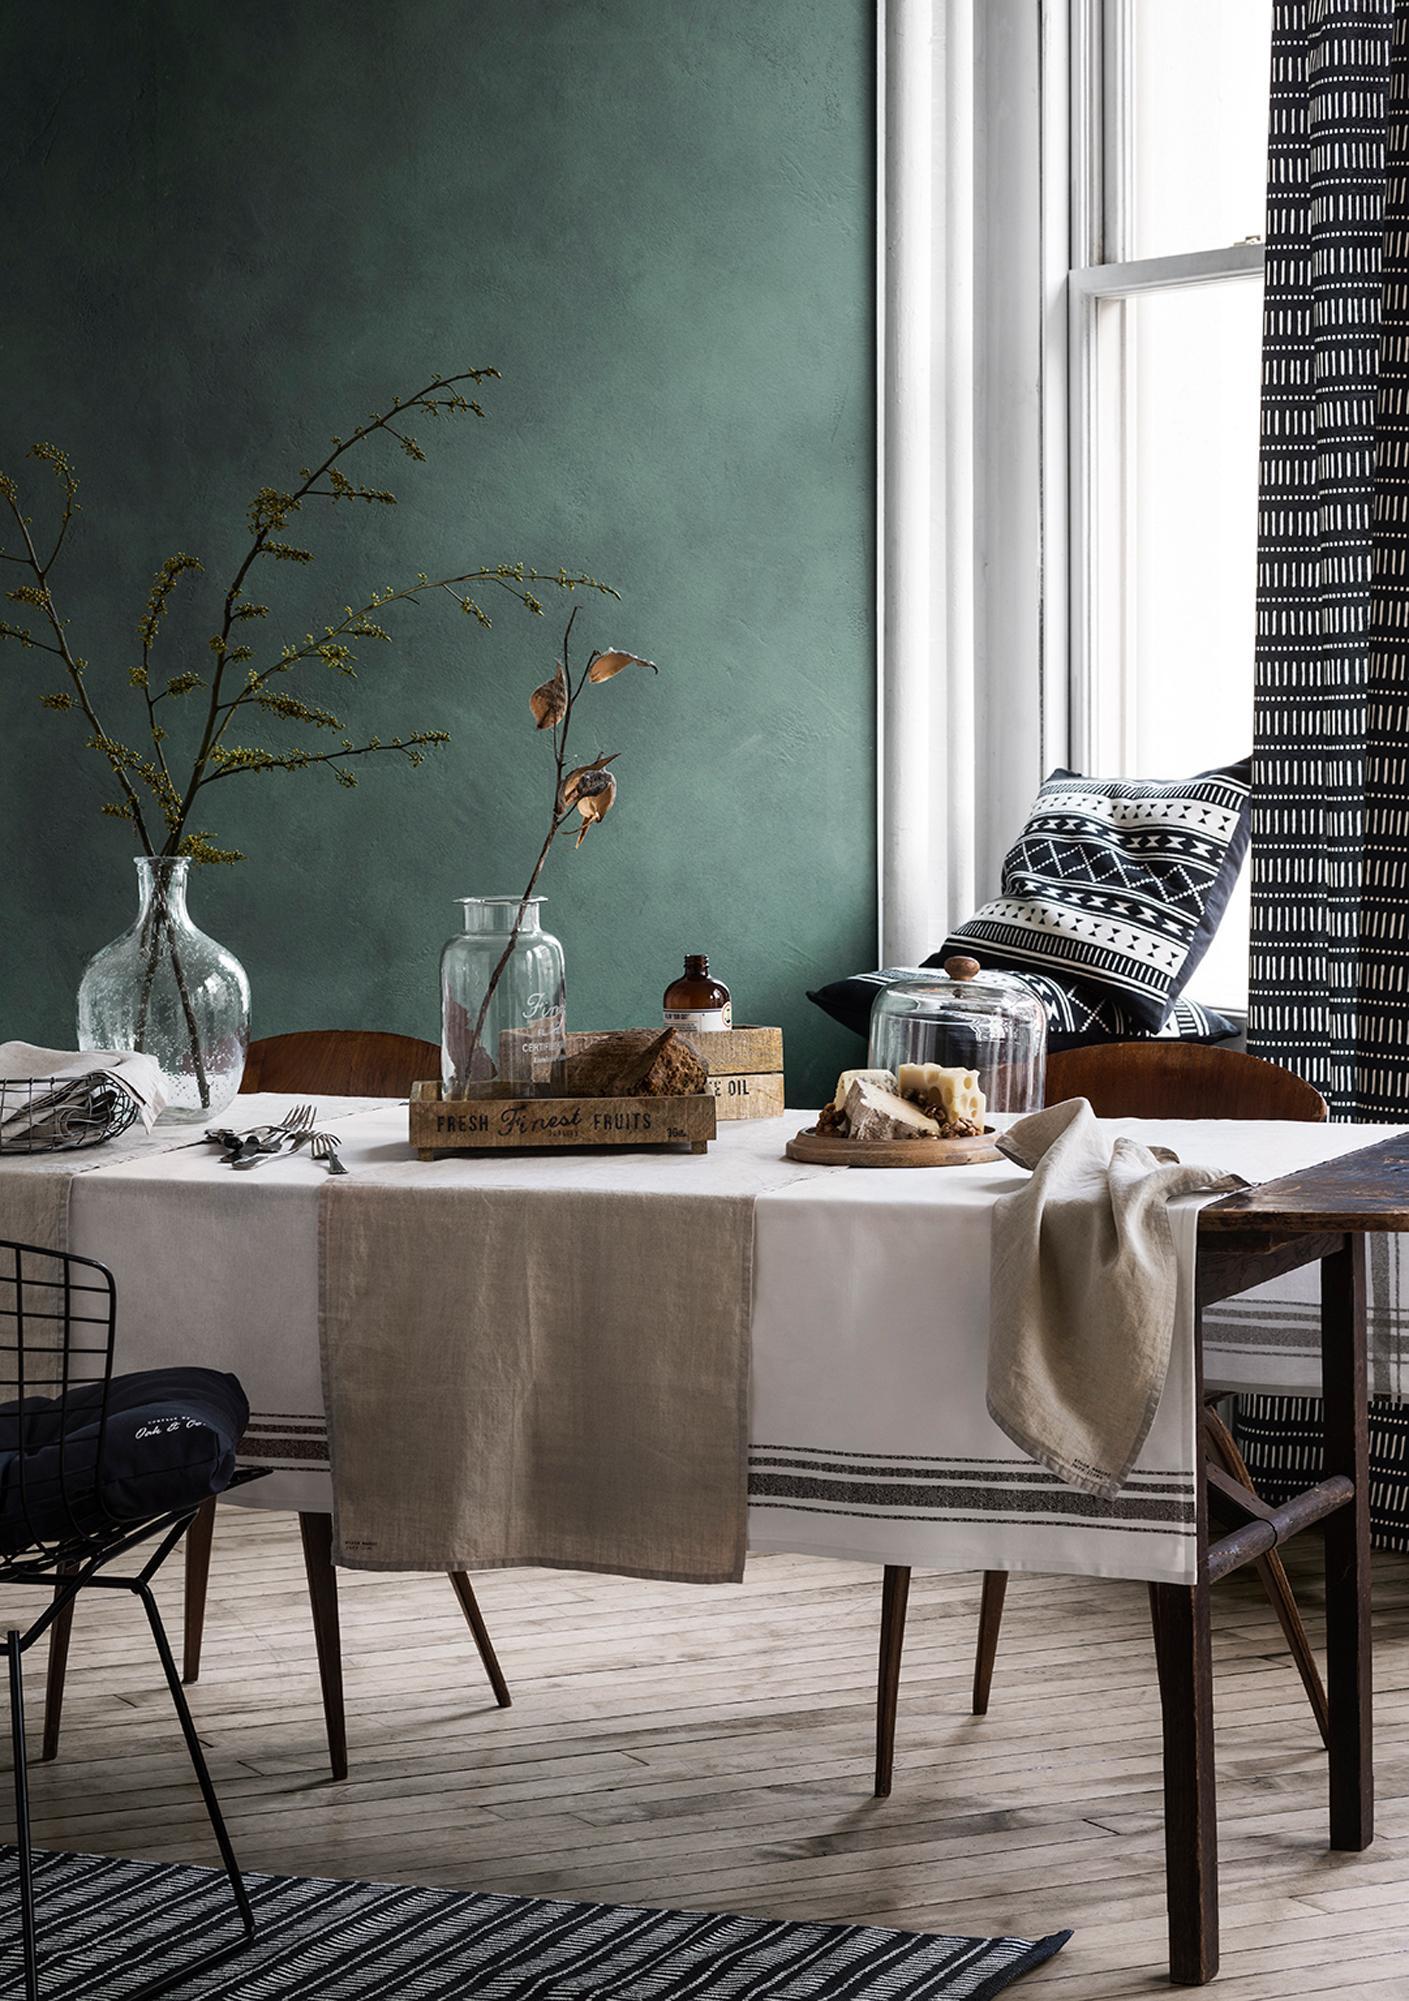 holzstuhl • bilder & ideen • couchstyle, Wohnzimmer